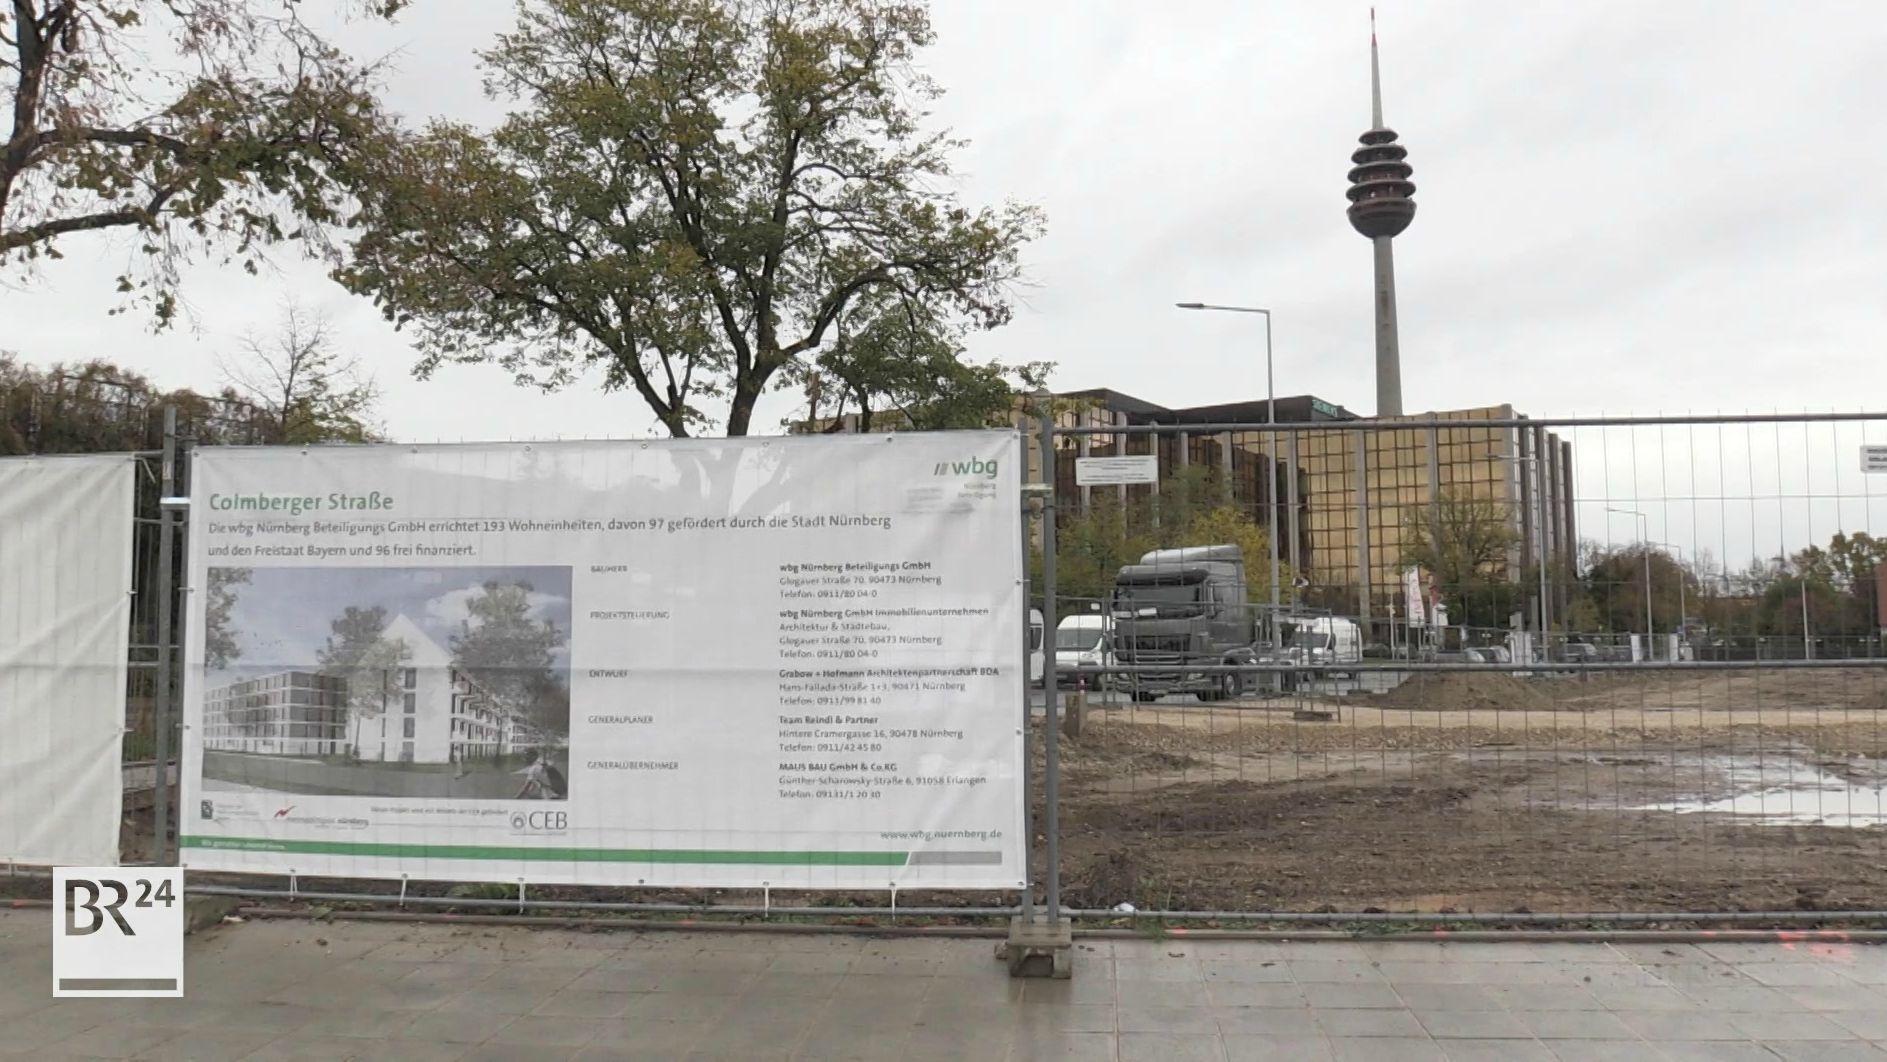 193 neue bezahlbare Wohnungen in Nürnberg